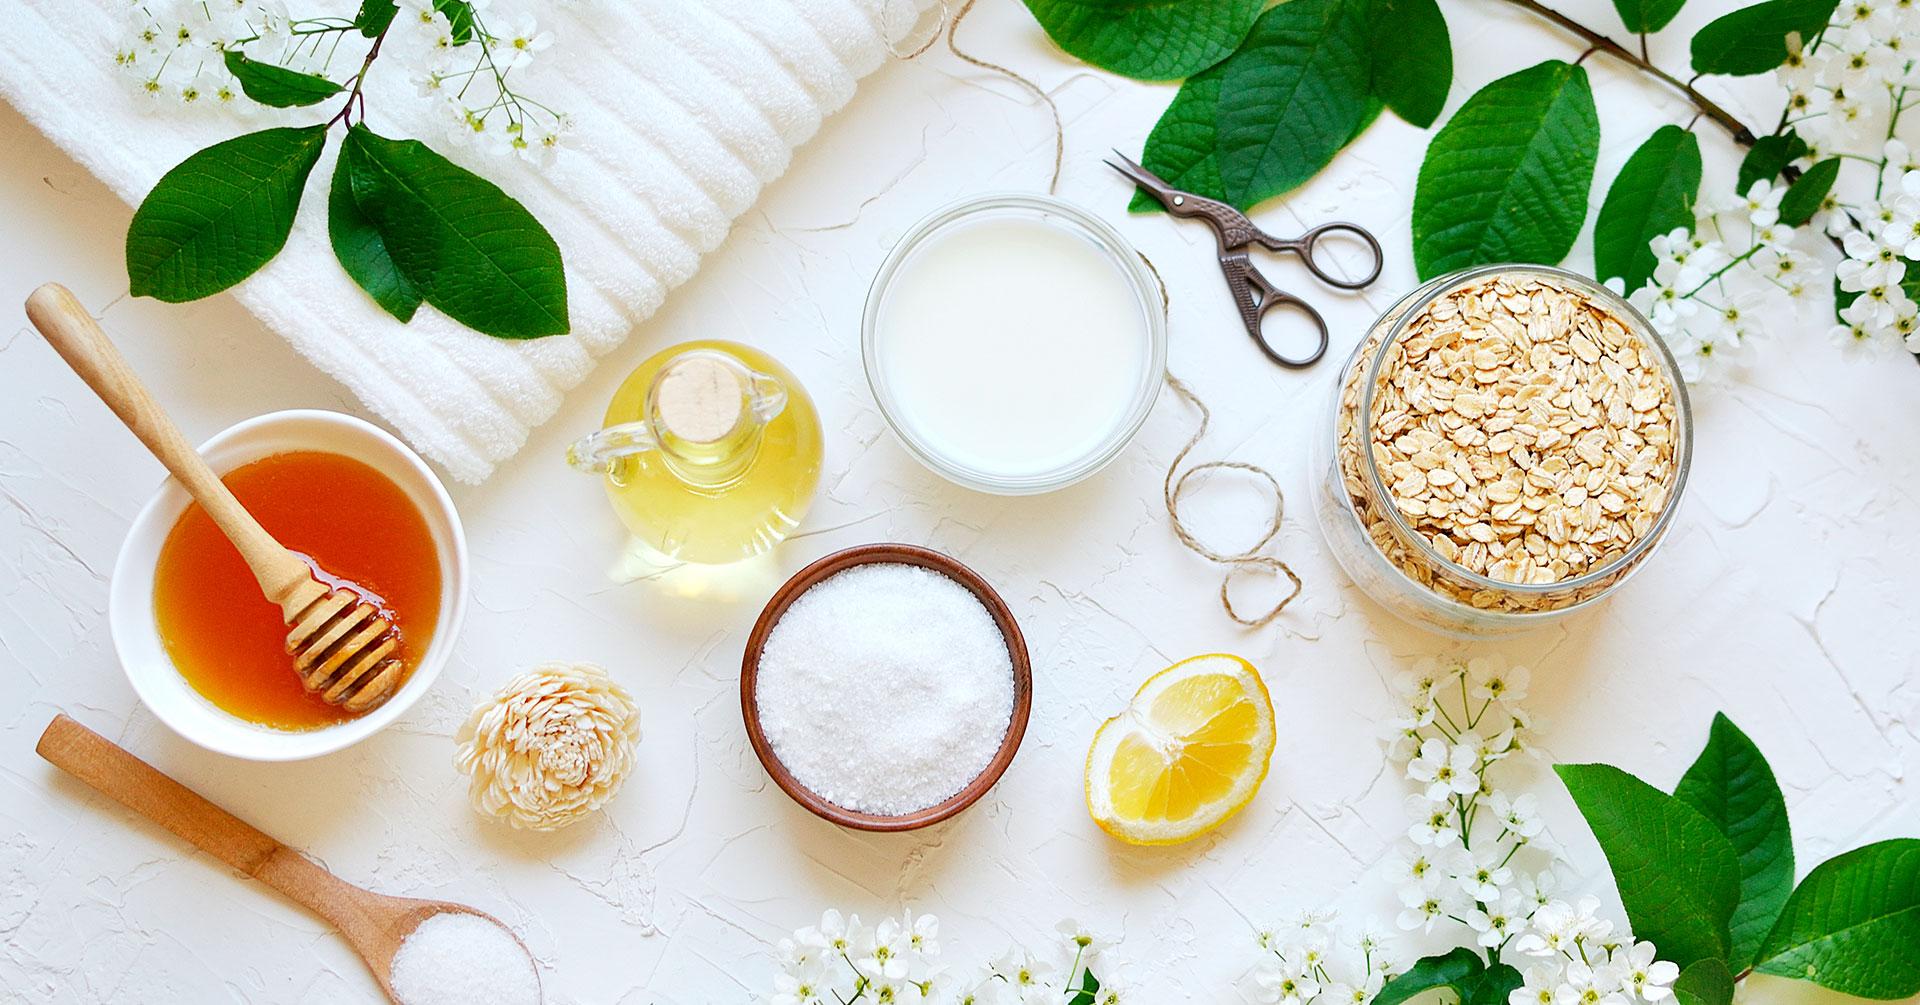 5 ingredientes naturales para una mejor exfoliación de tu piel